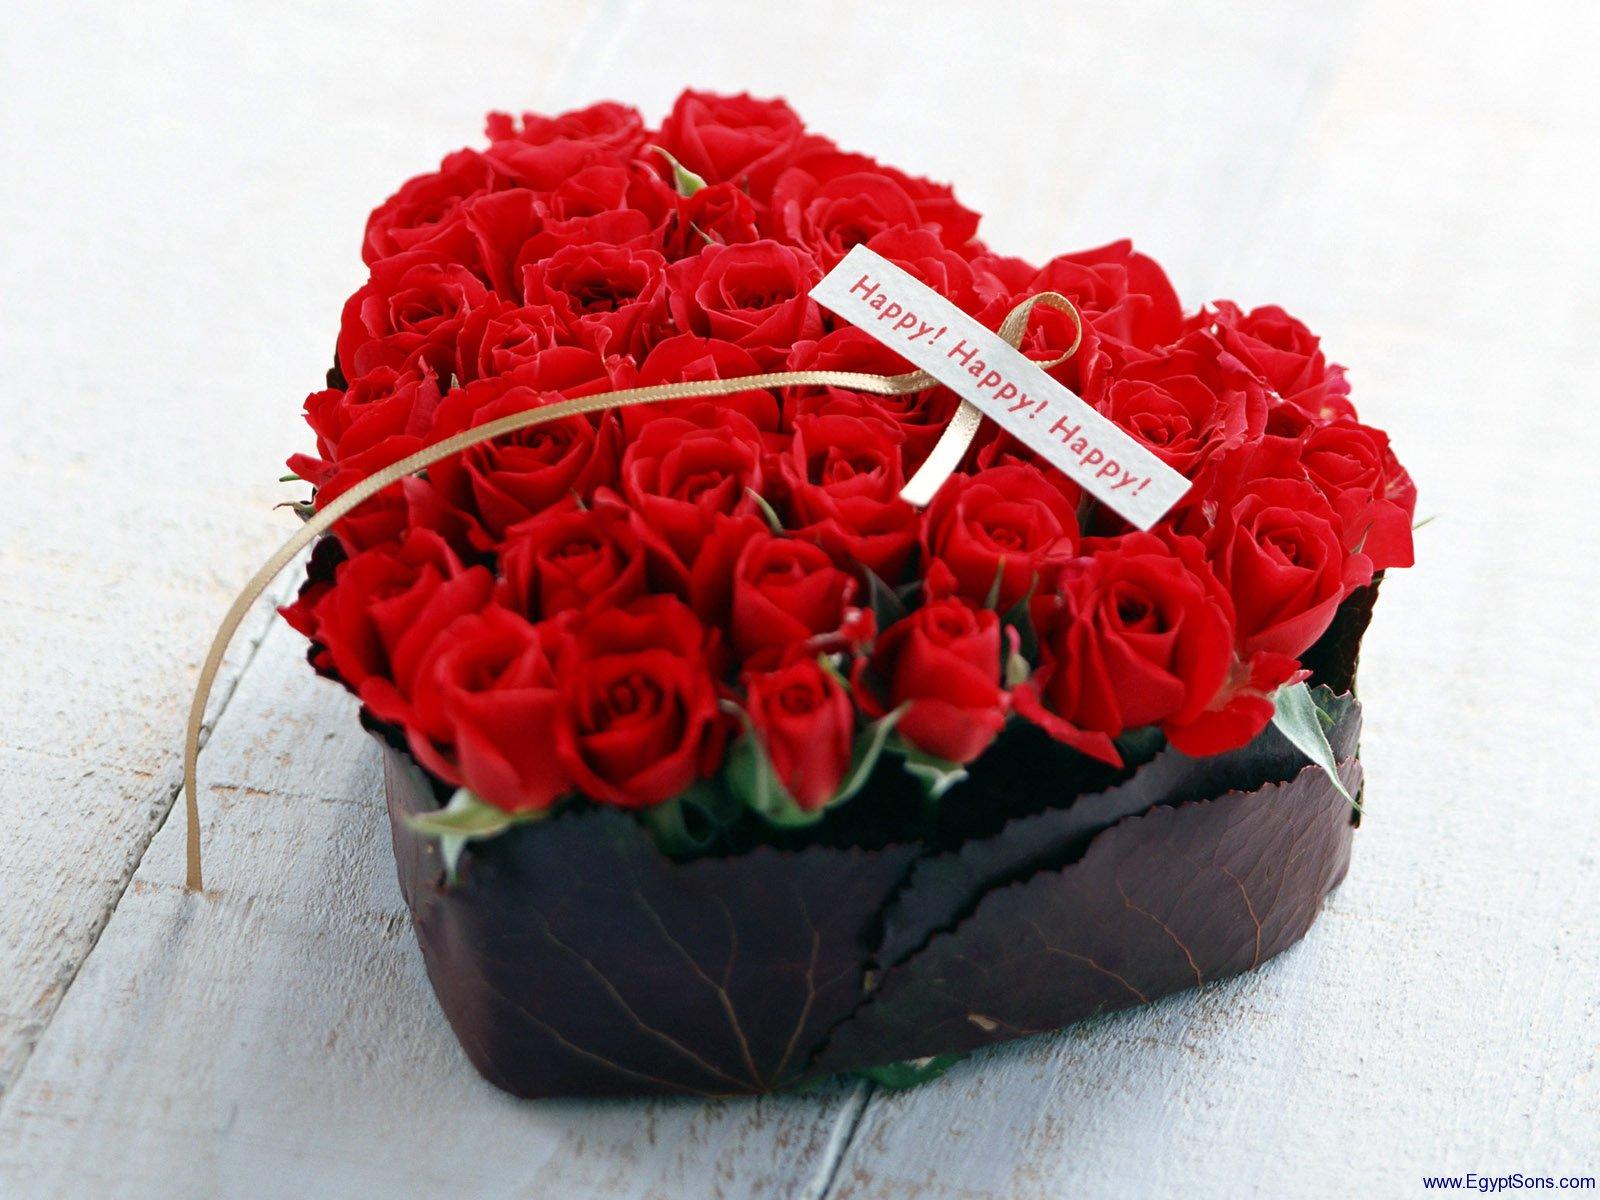 بالصور اجمل ورود الحب , اجمل باقات زهور الحب 978 2